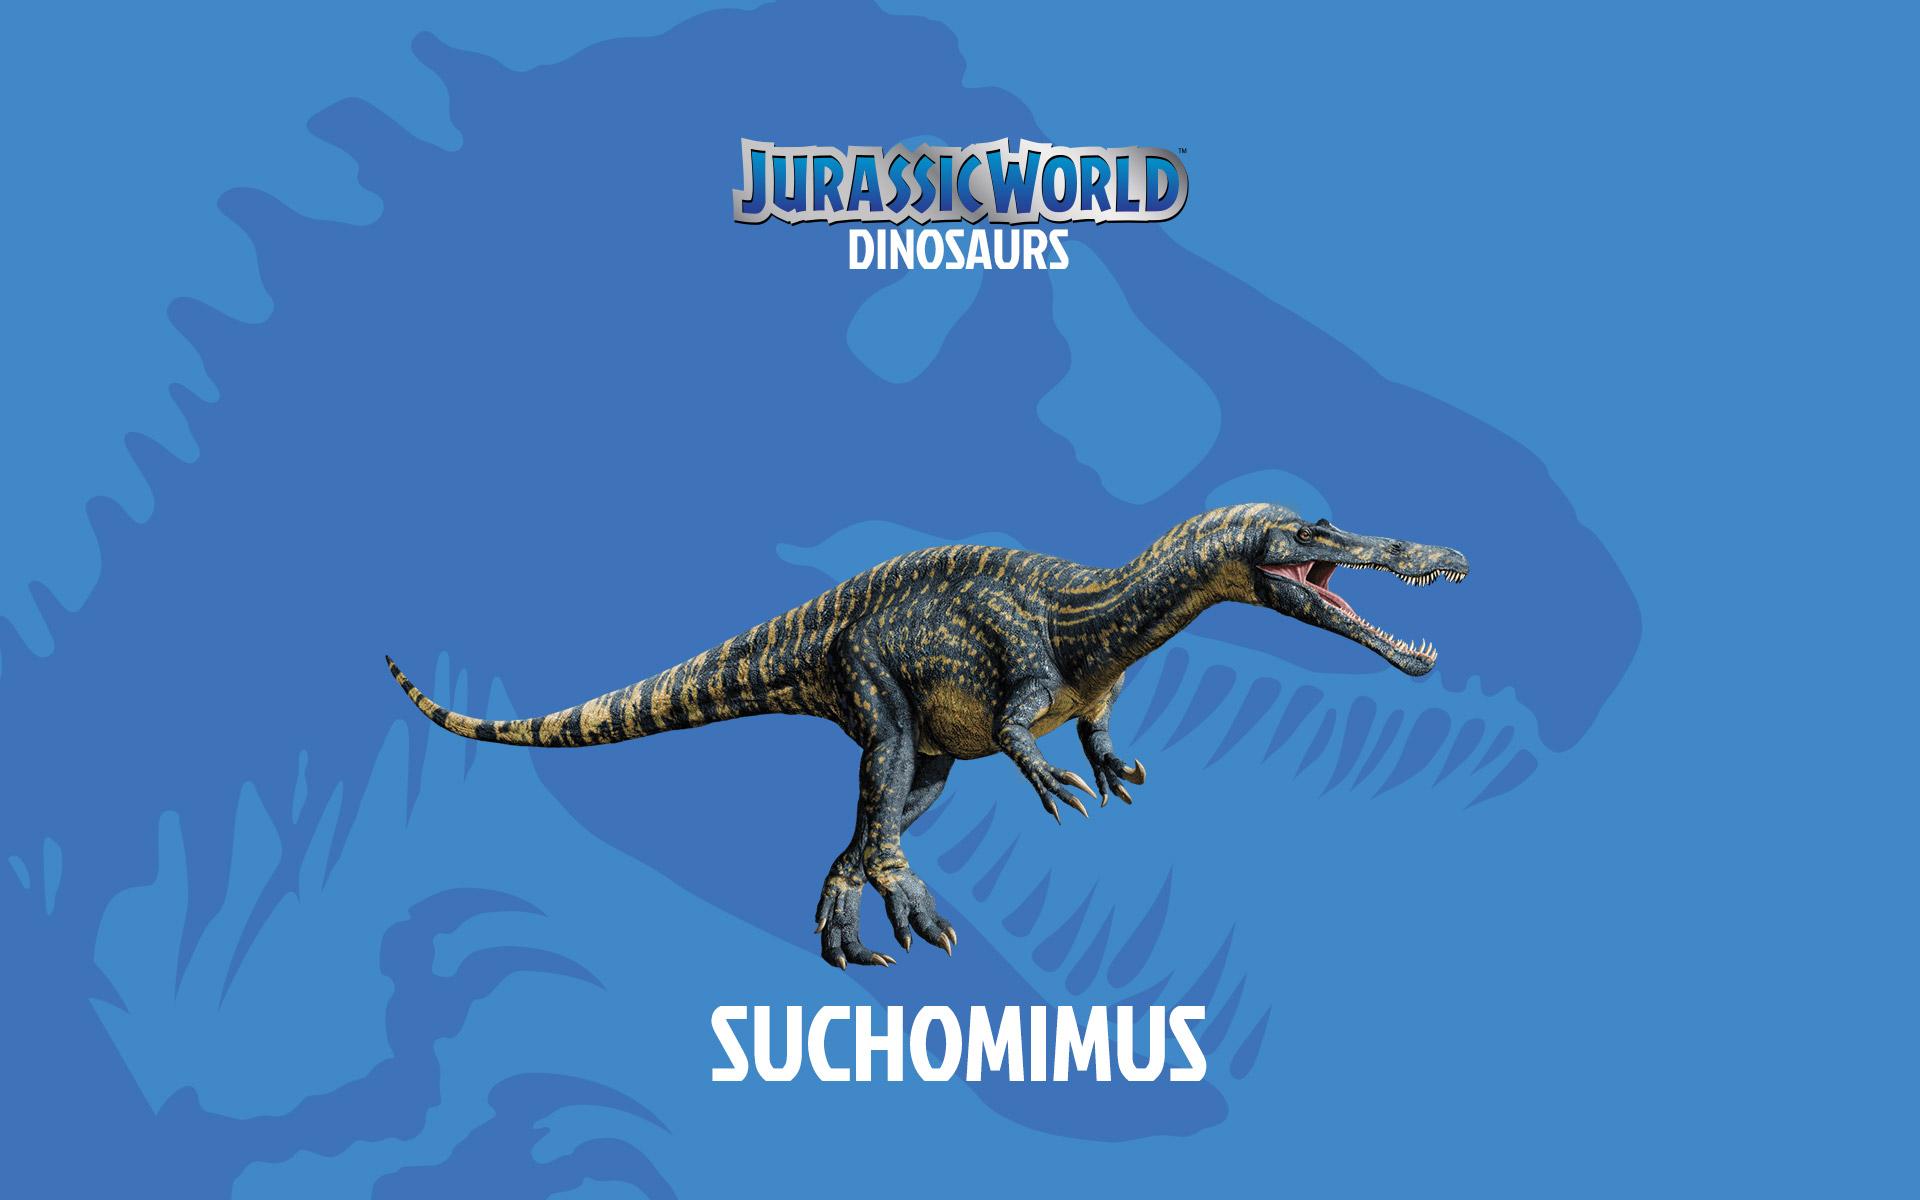 Jurassic World 2015 Dinosaurs Desktop iPhone 6 Wallpapers HD